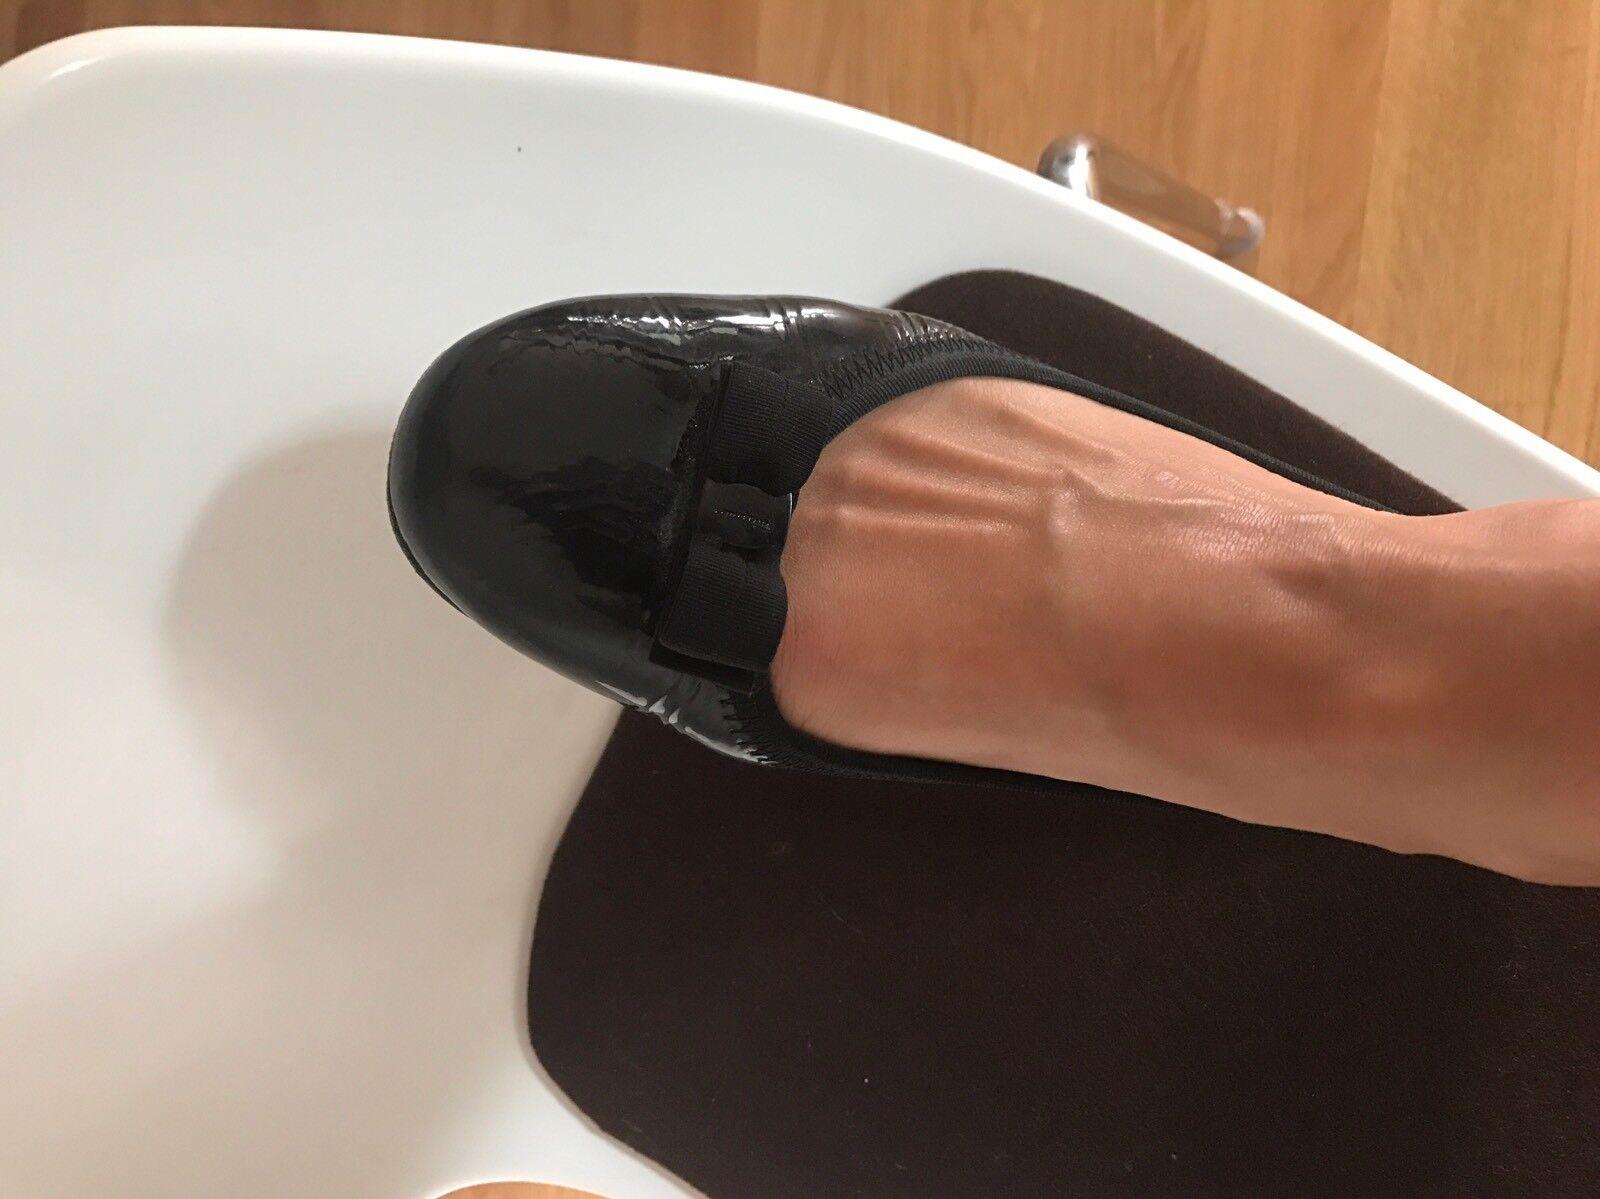 Flats de ferragamo  negro charol óptica, talla 39, poco poco poco usado, np  marca